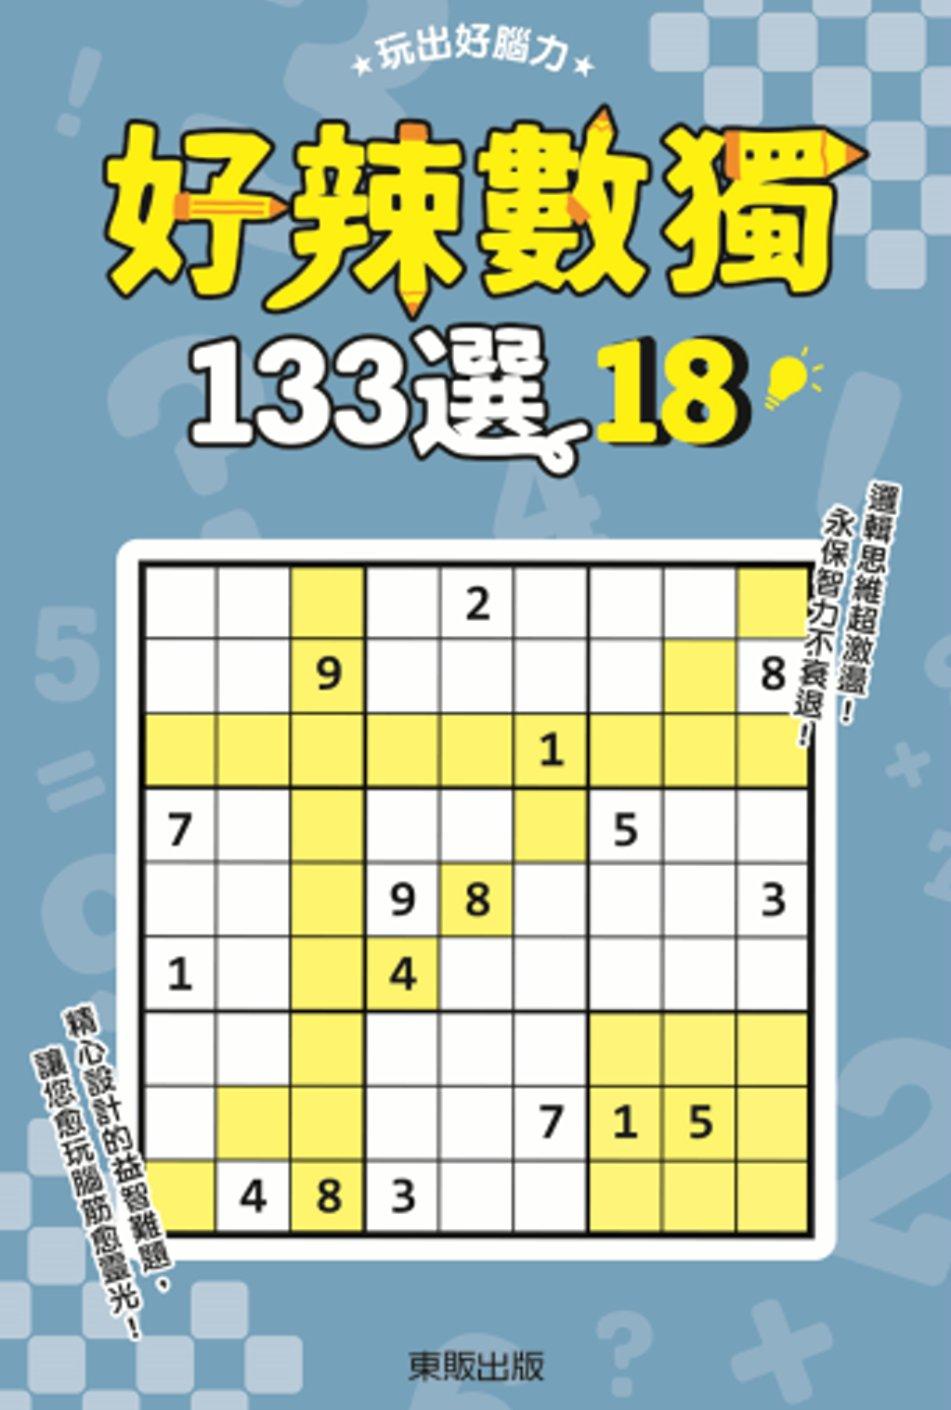 好辣數獨133選 18